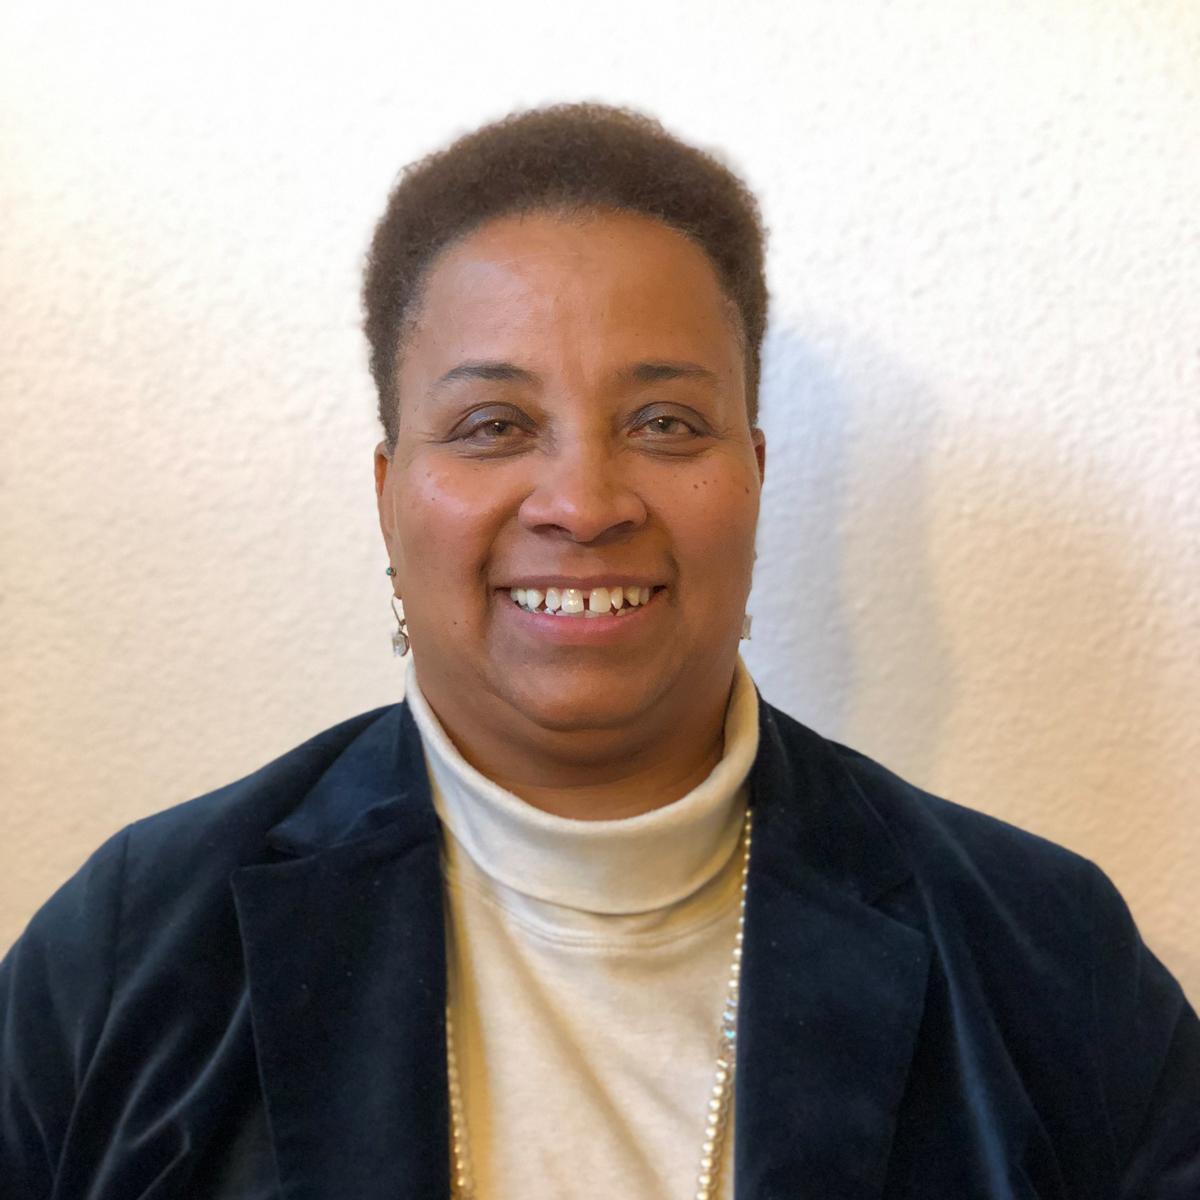 Zeinabu irene Davis. Photo by Maazi Chery.